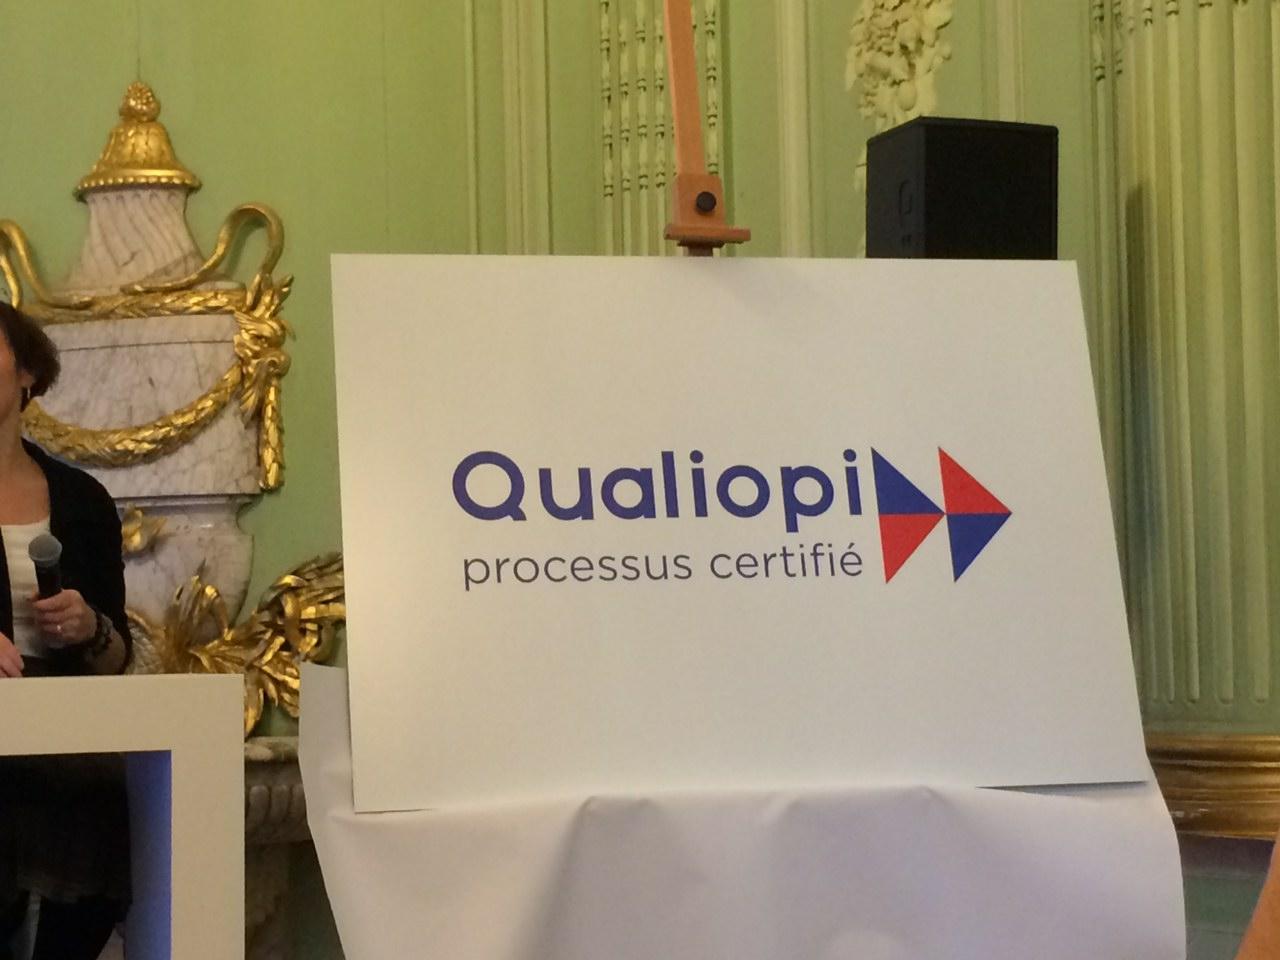 Qualiopi lancement 7 11 2019